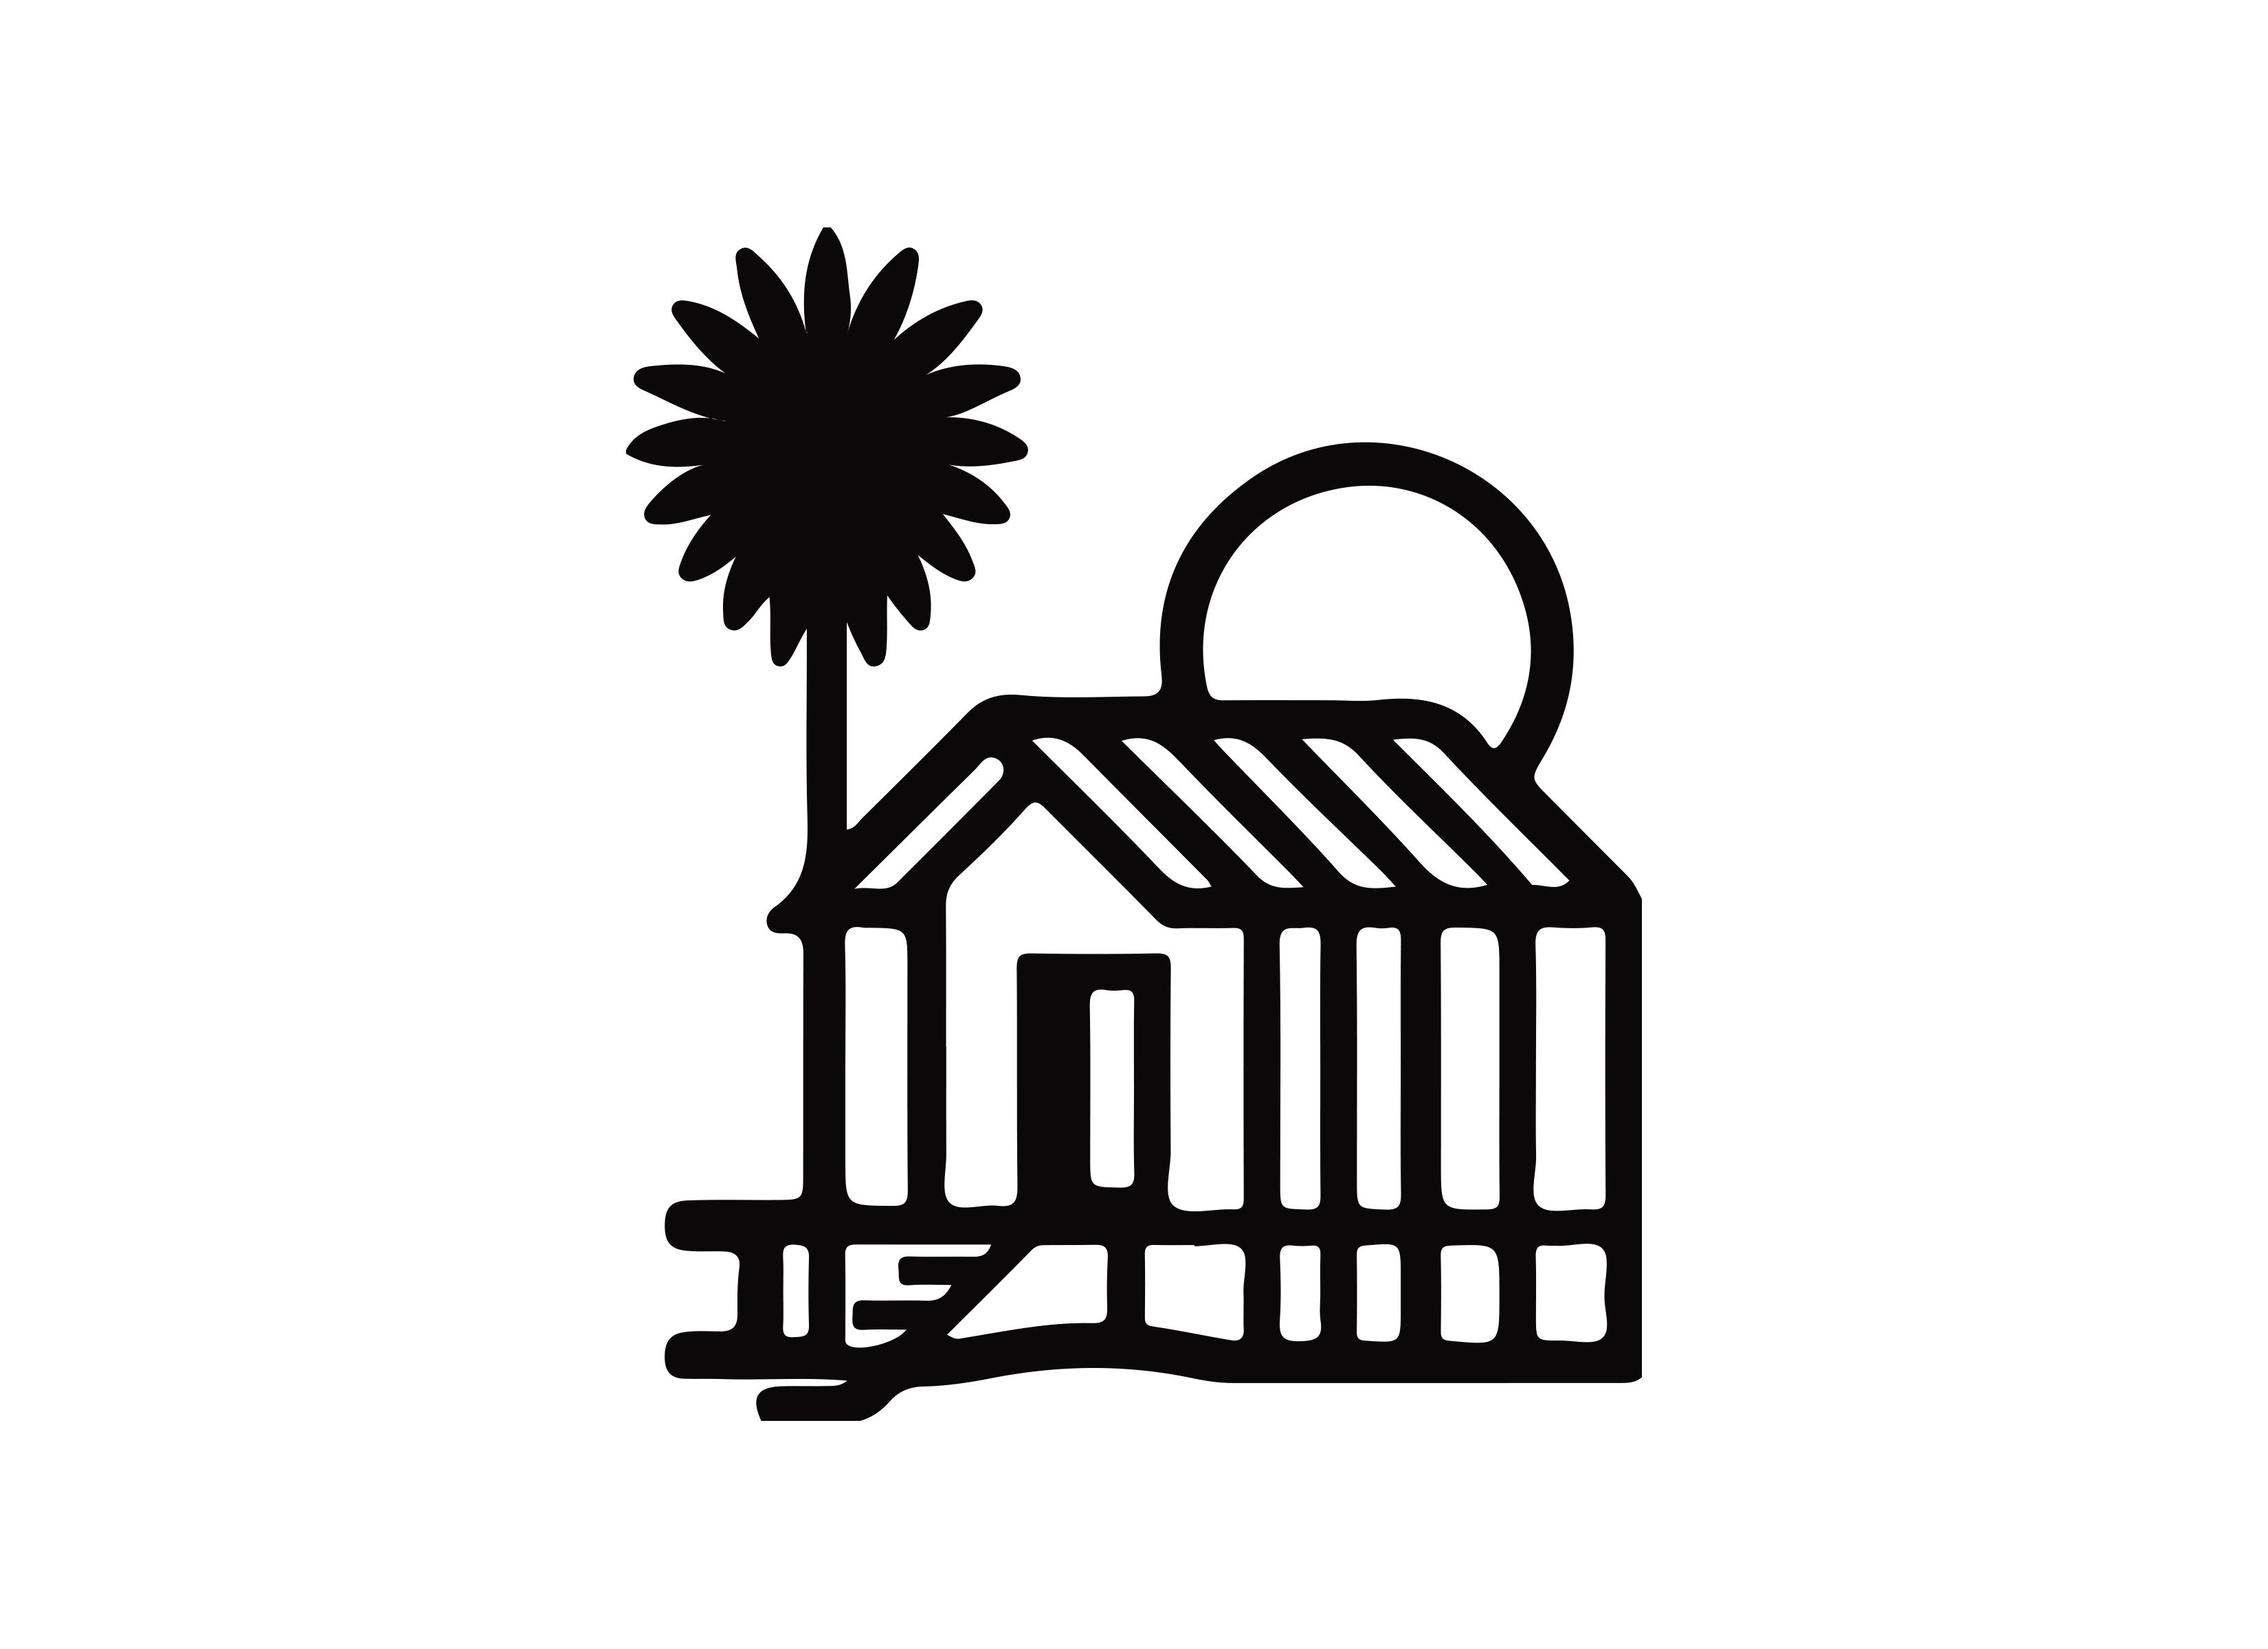 Hotbox icon